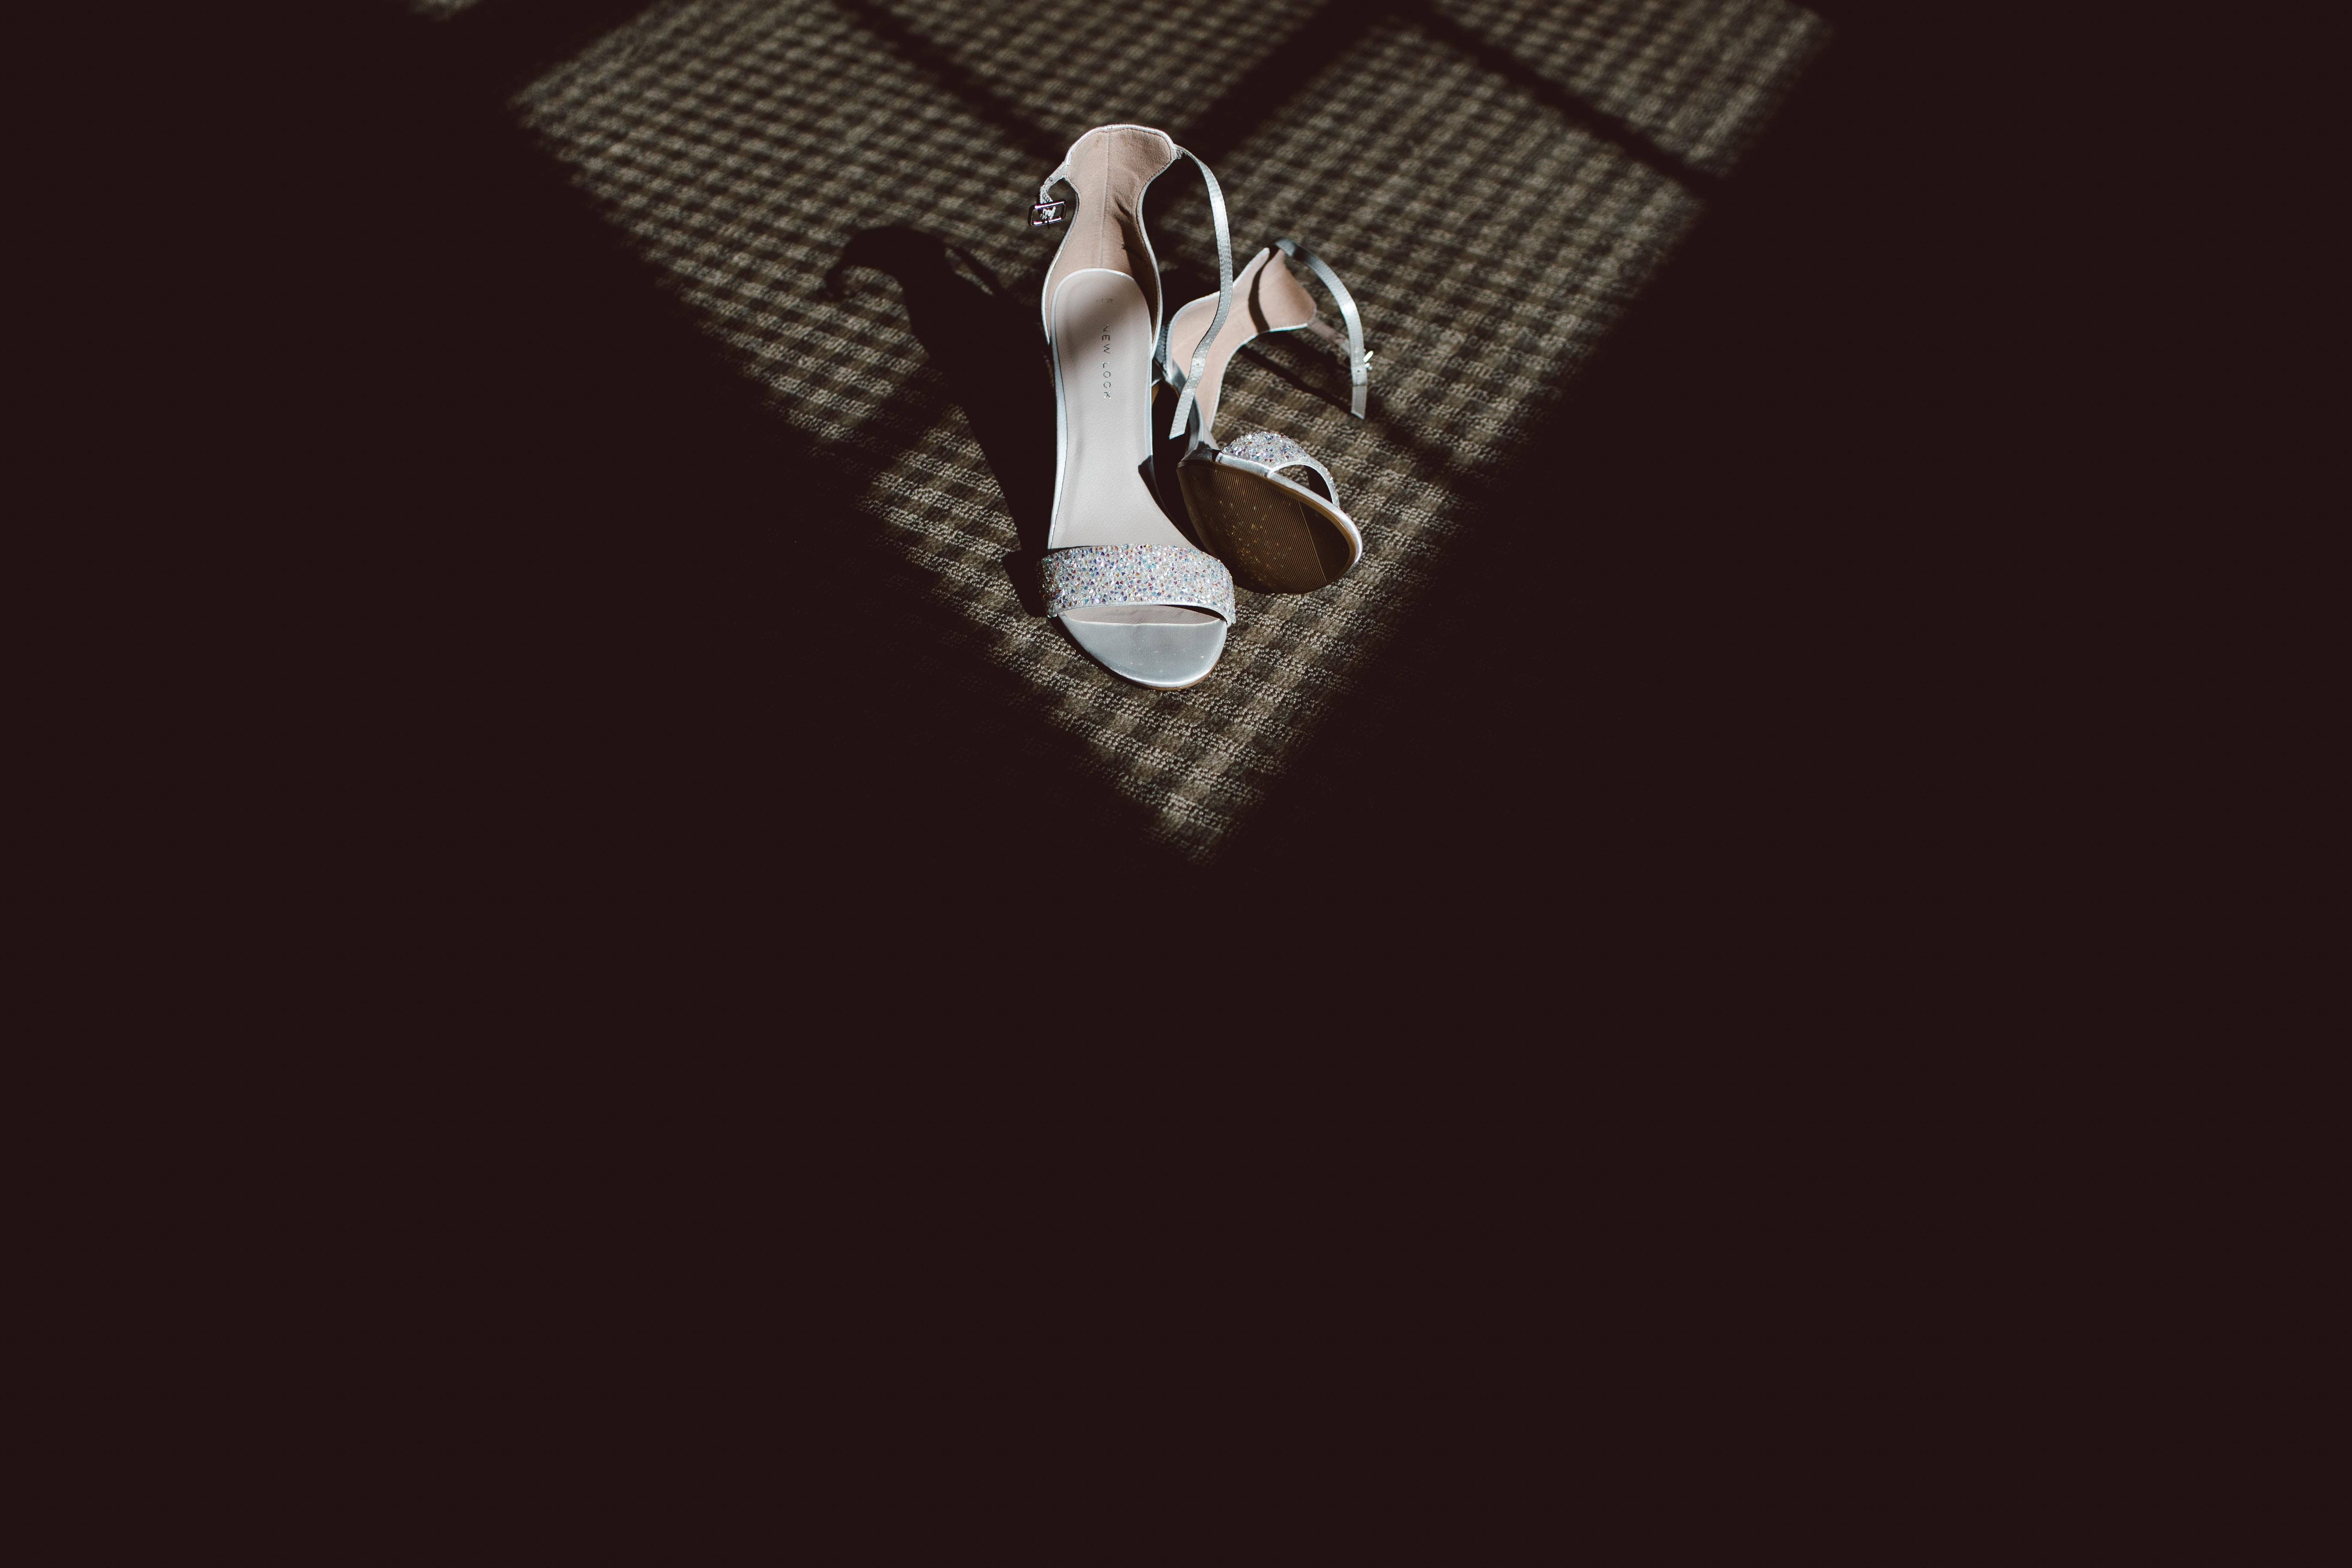 pair of white heels against black shadow